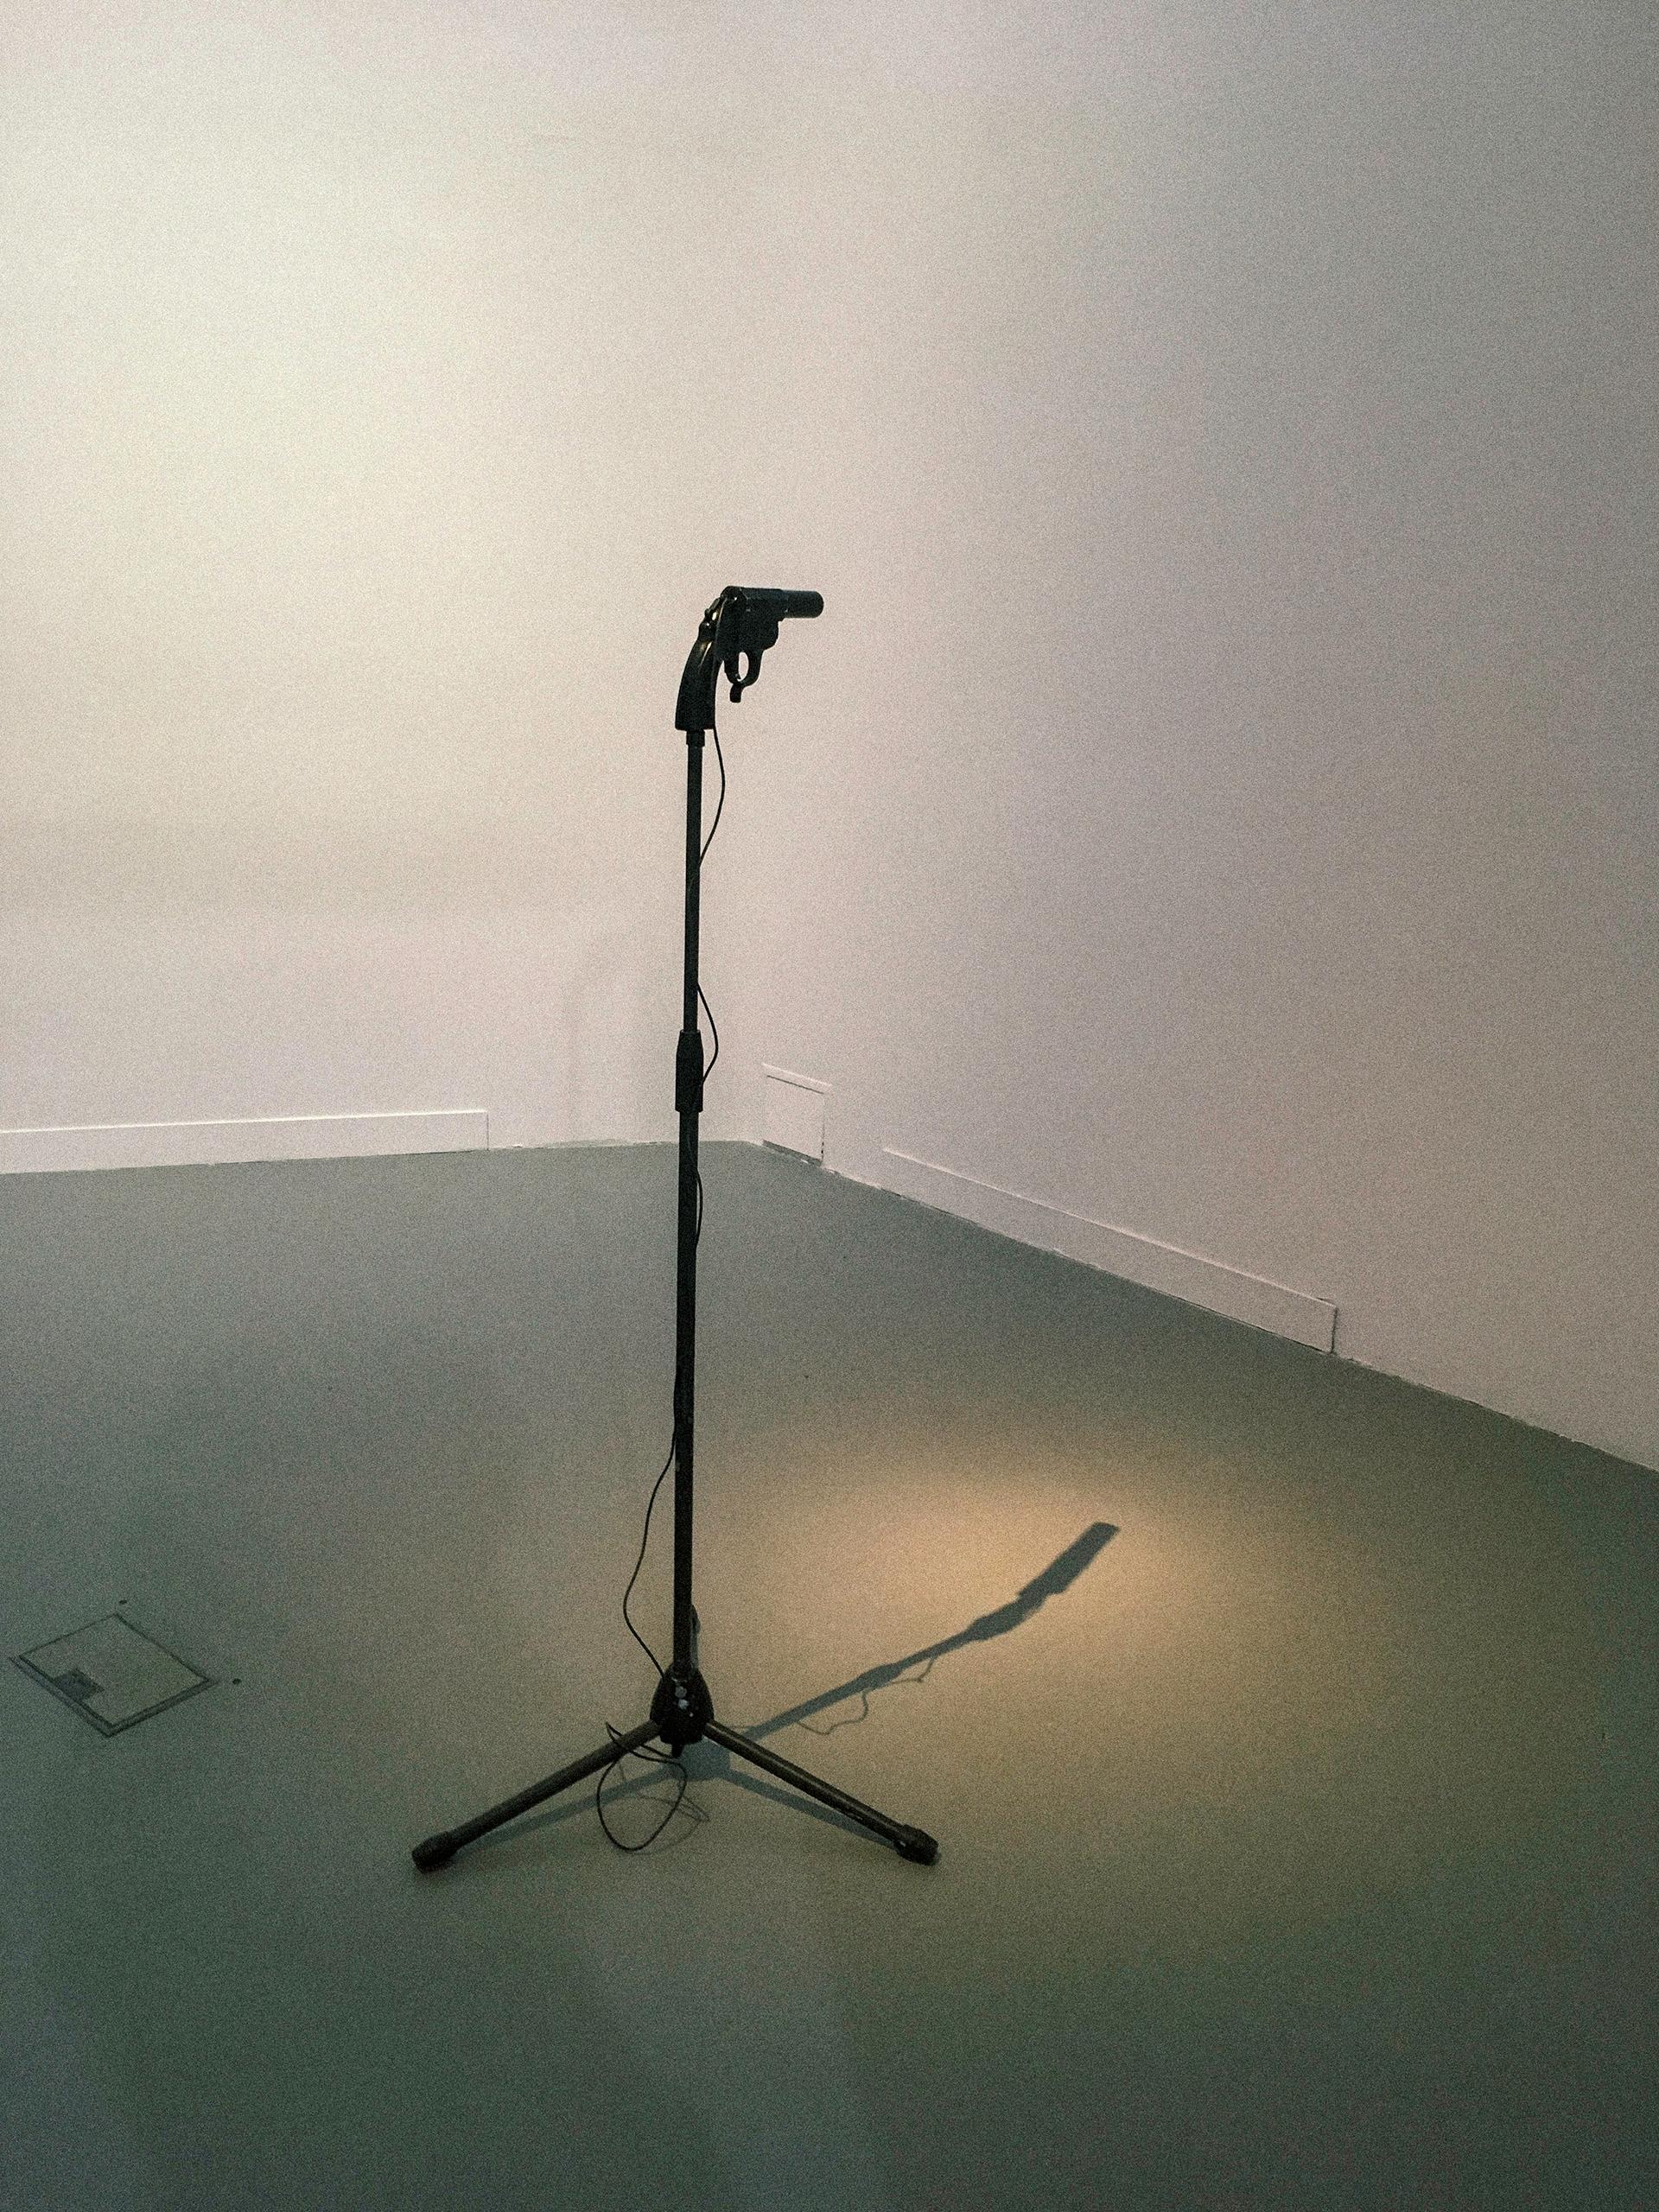 Zdjęcie przedstawia obiekt przypominający czarny mikrofon znajdujący się w białym pomieszczeniu.